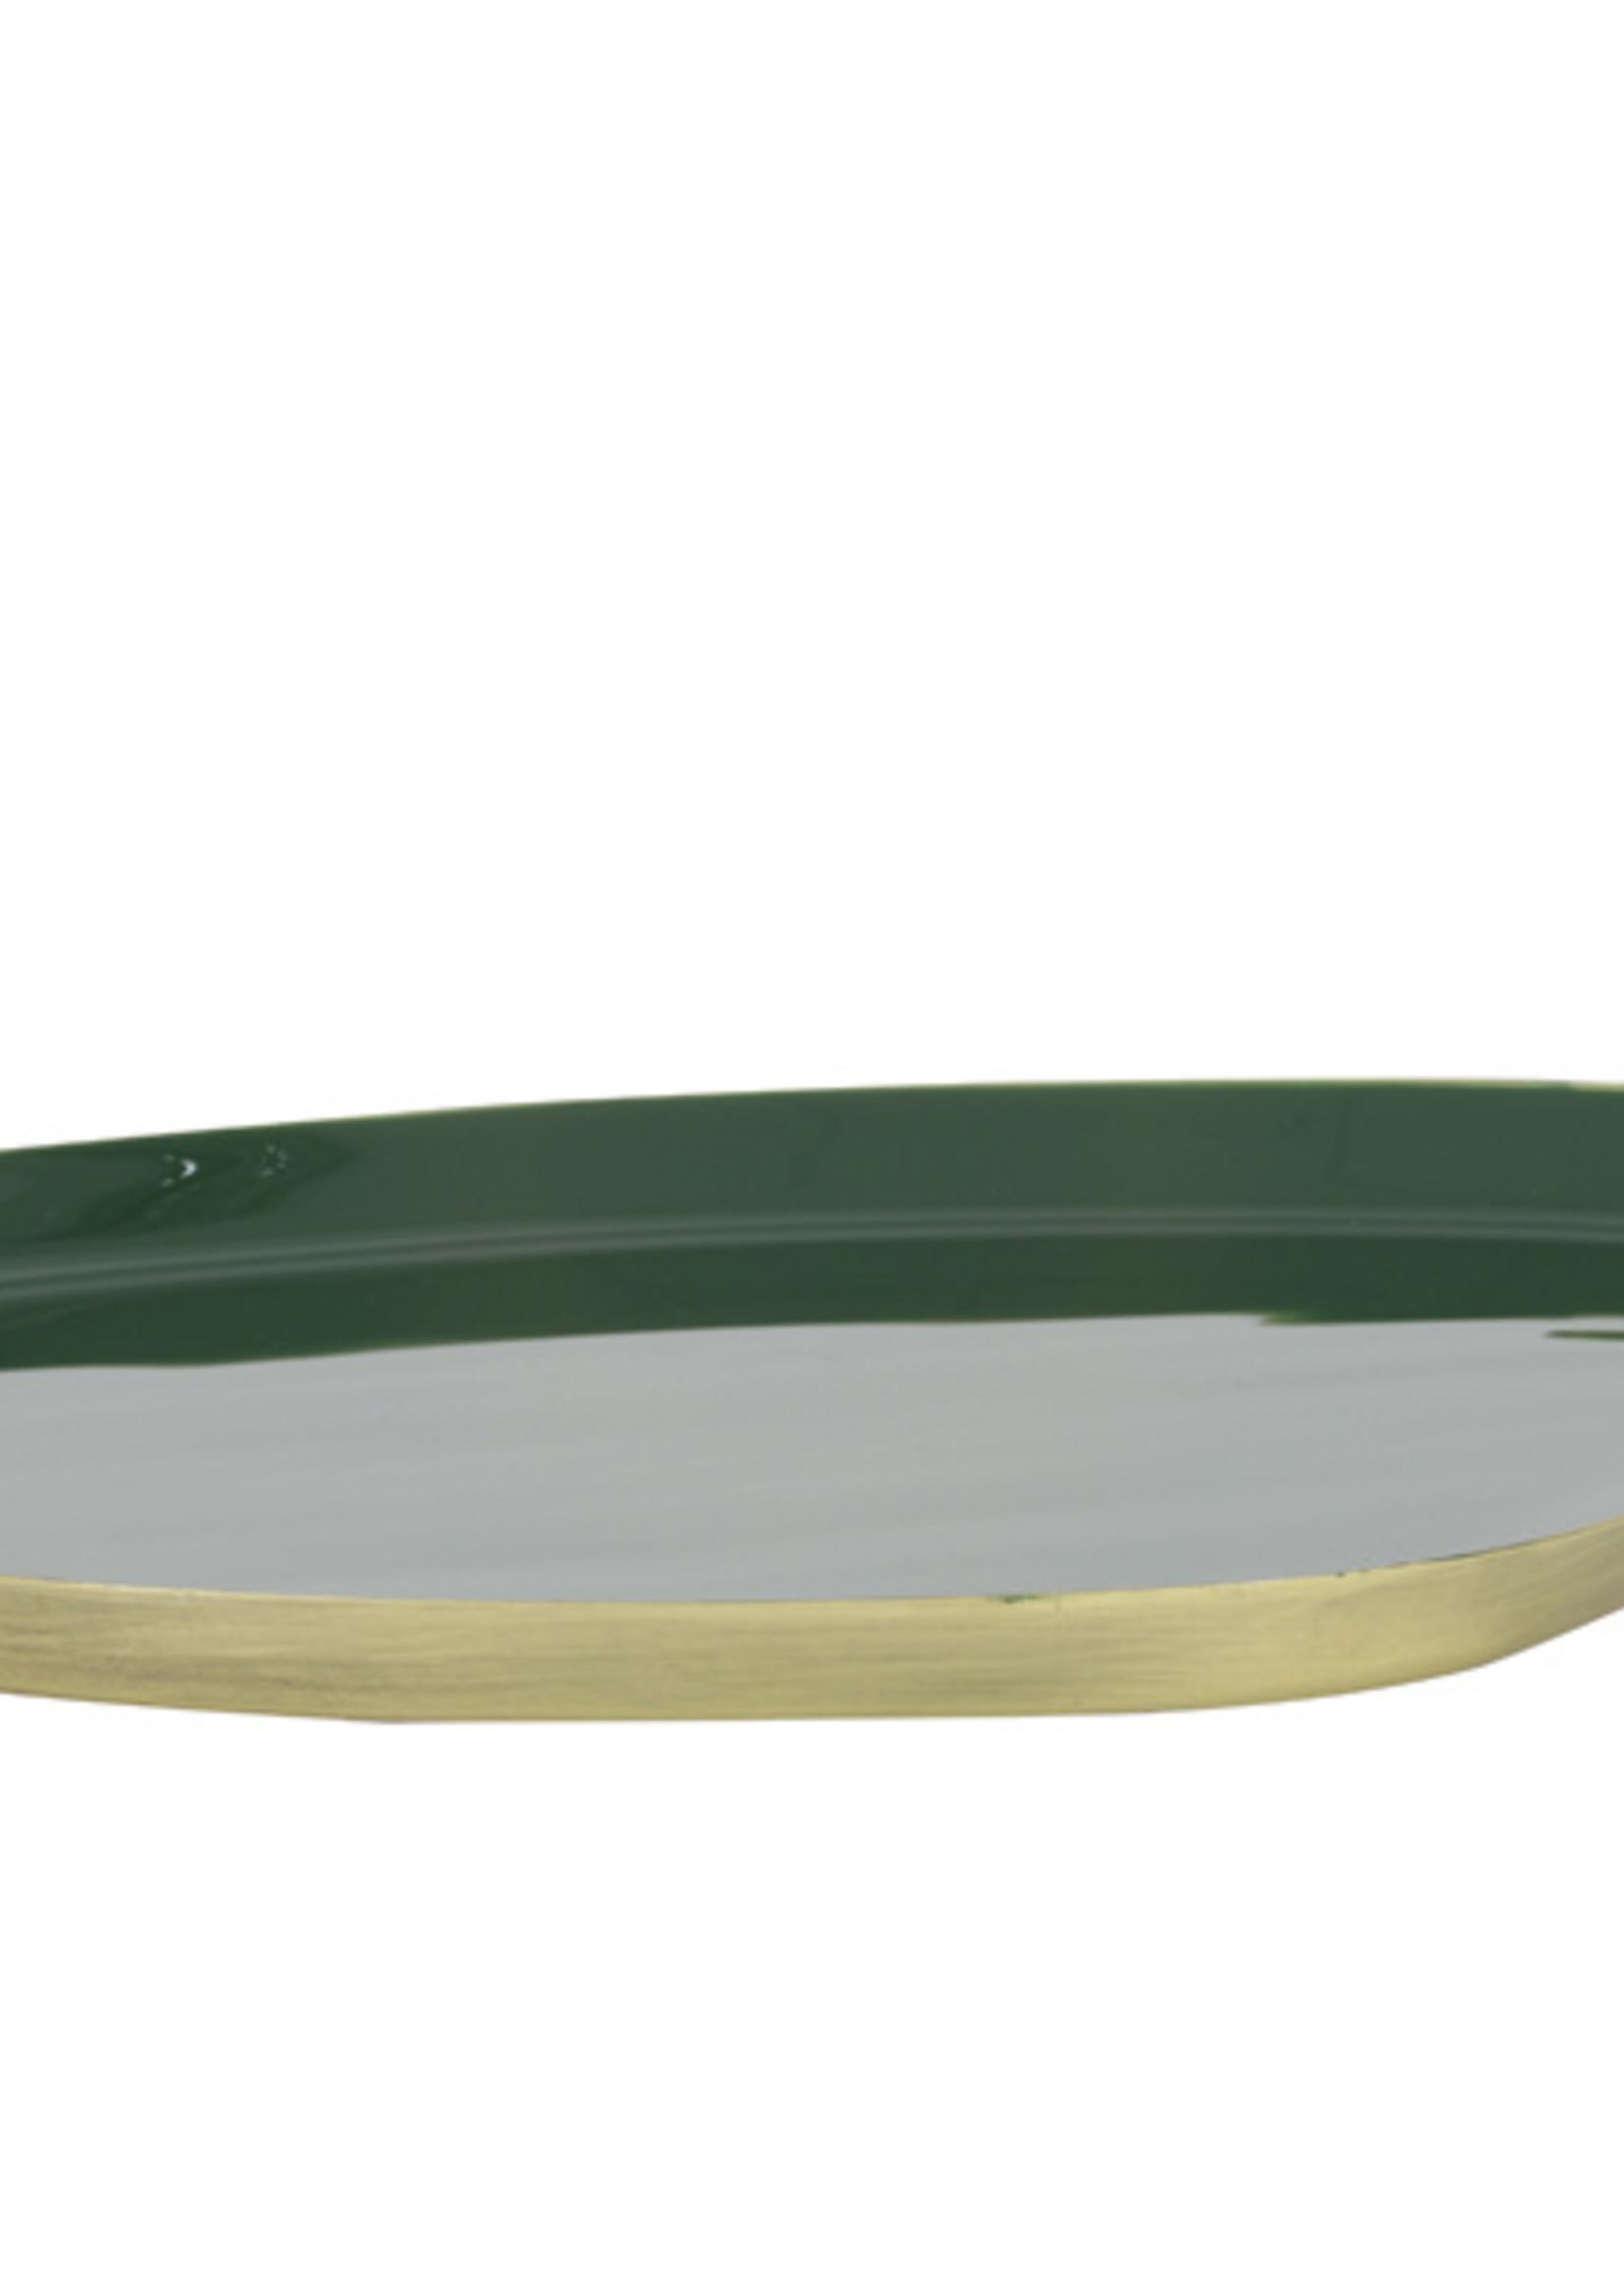 Light & Living Schaal 30x25 cm MOULET groen-antiek bron